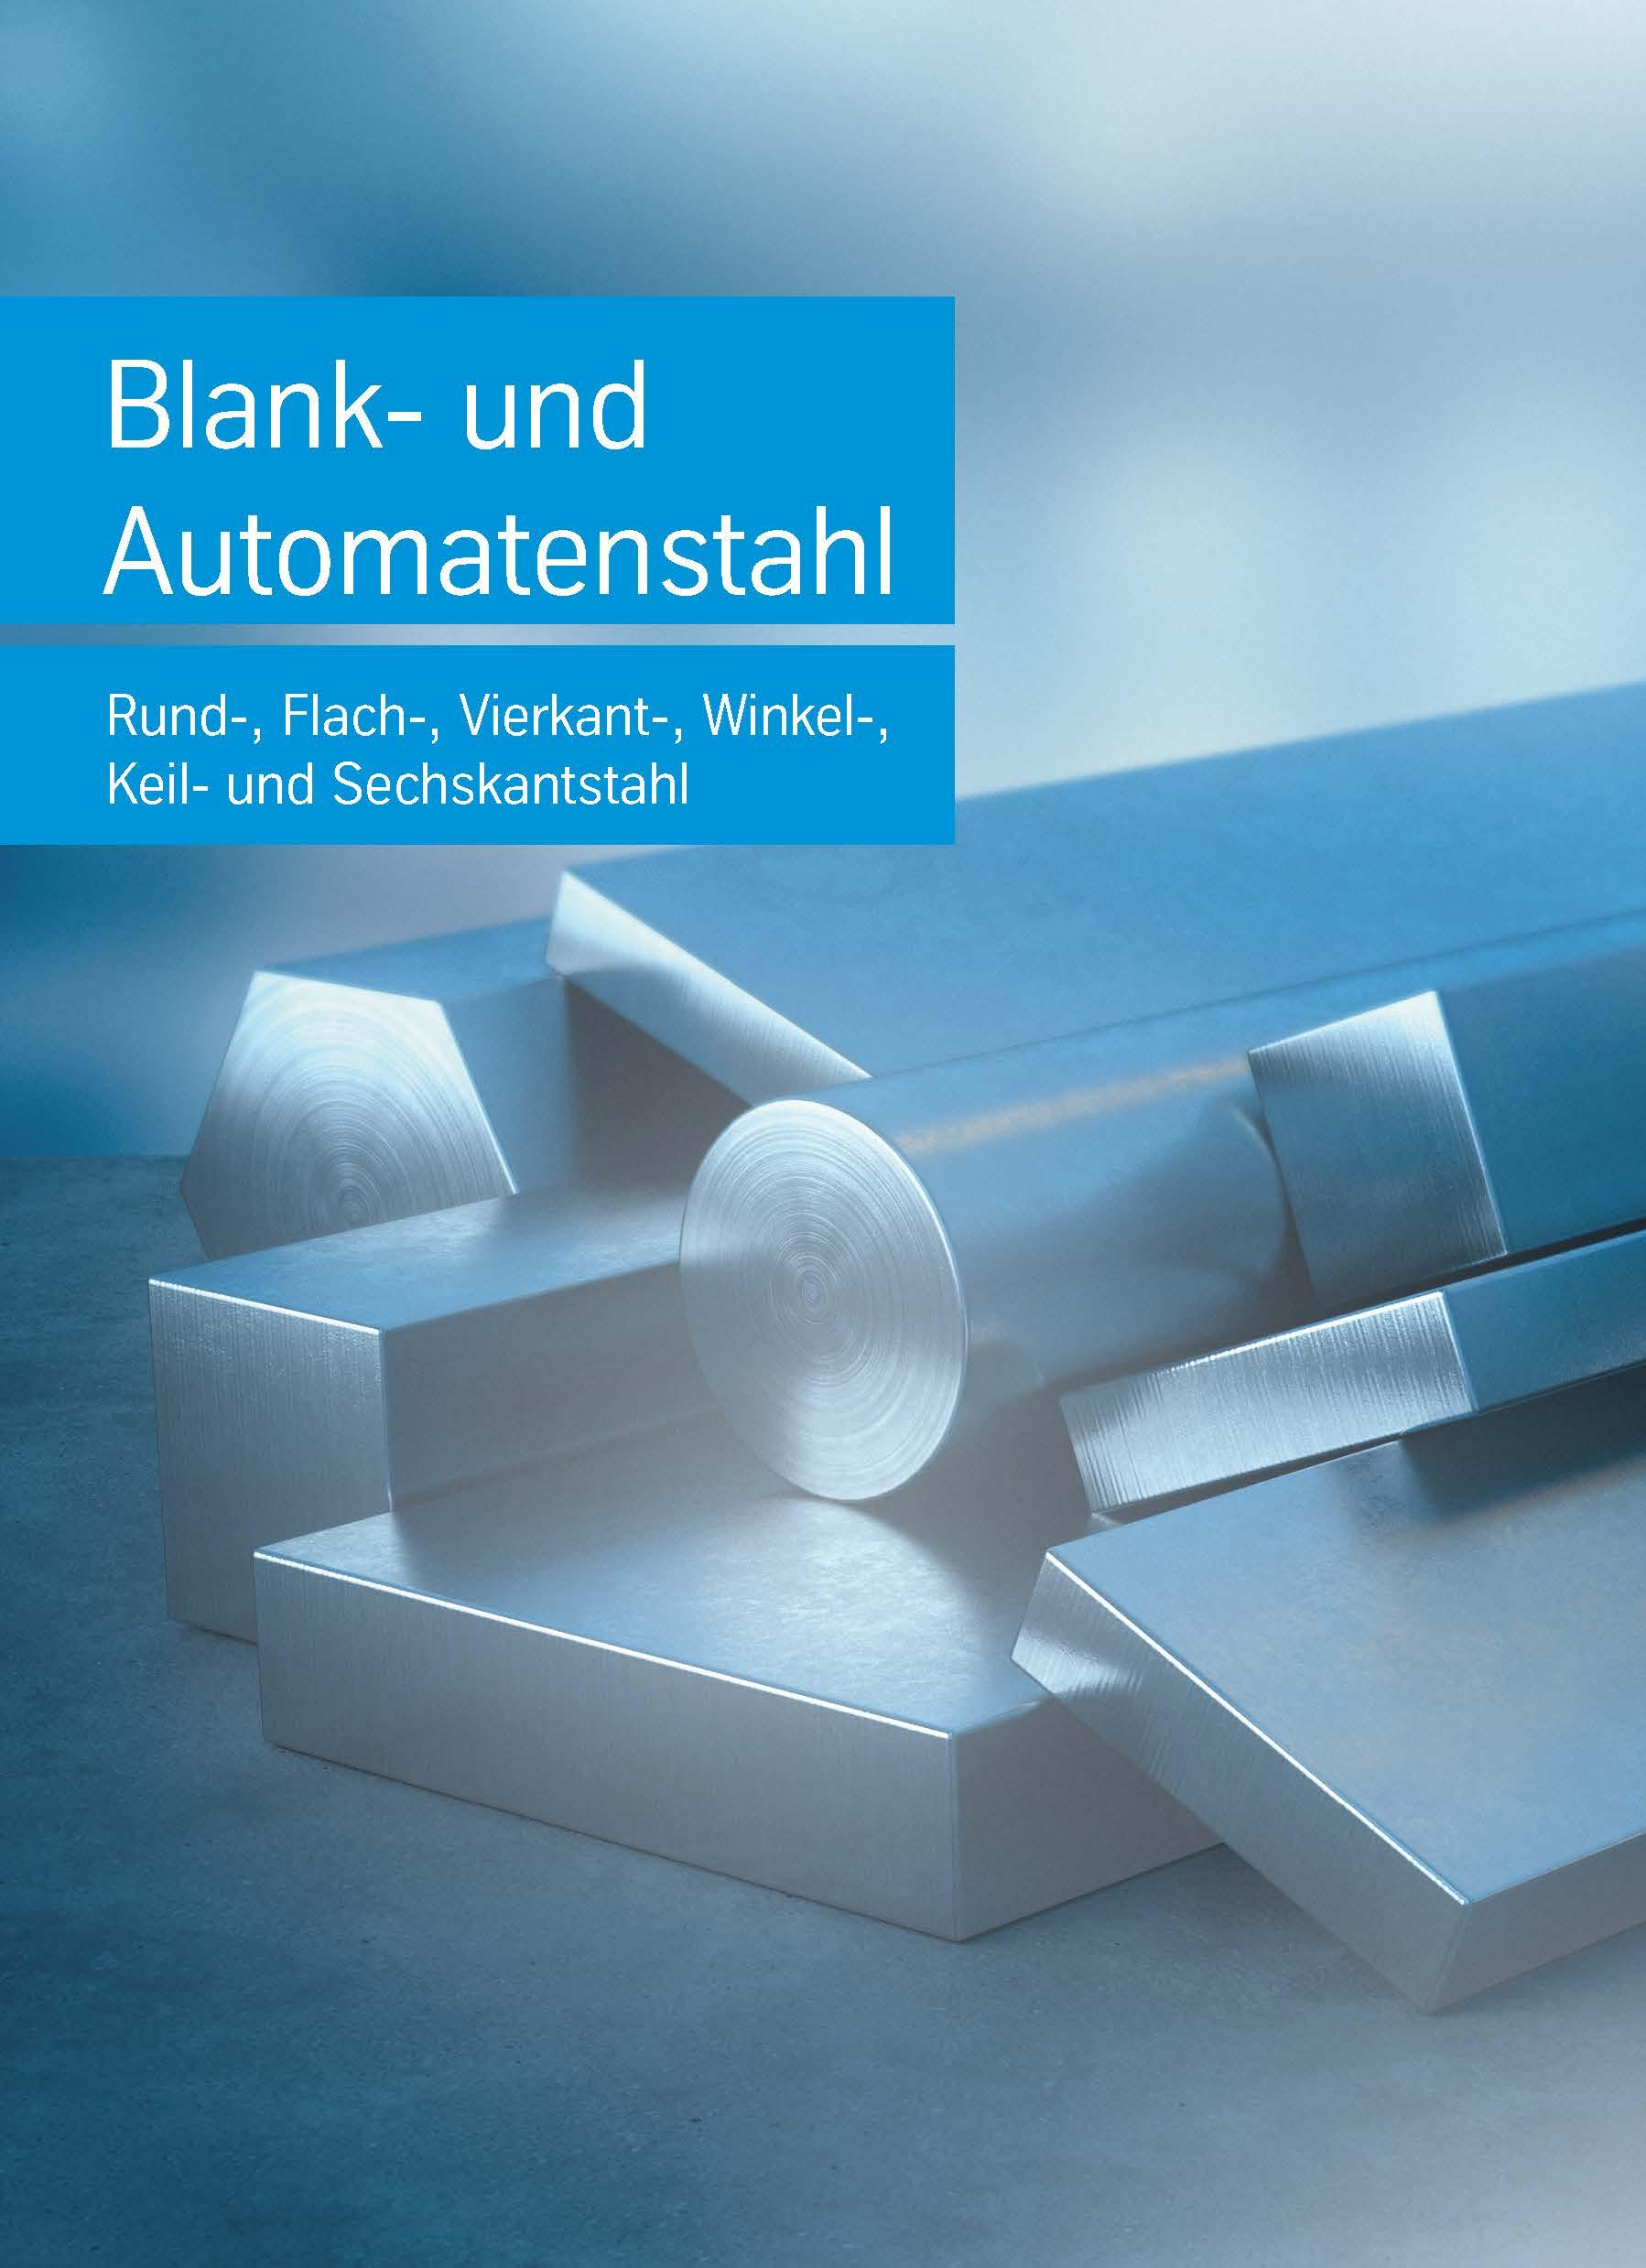 Blank- und Automatenstahl